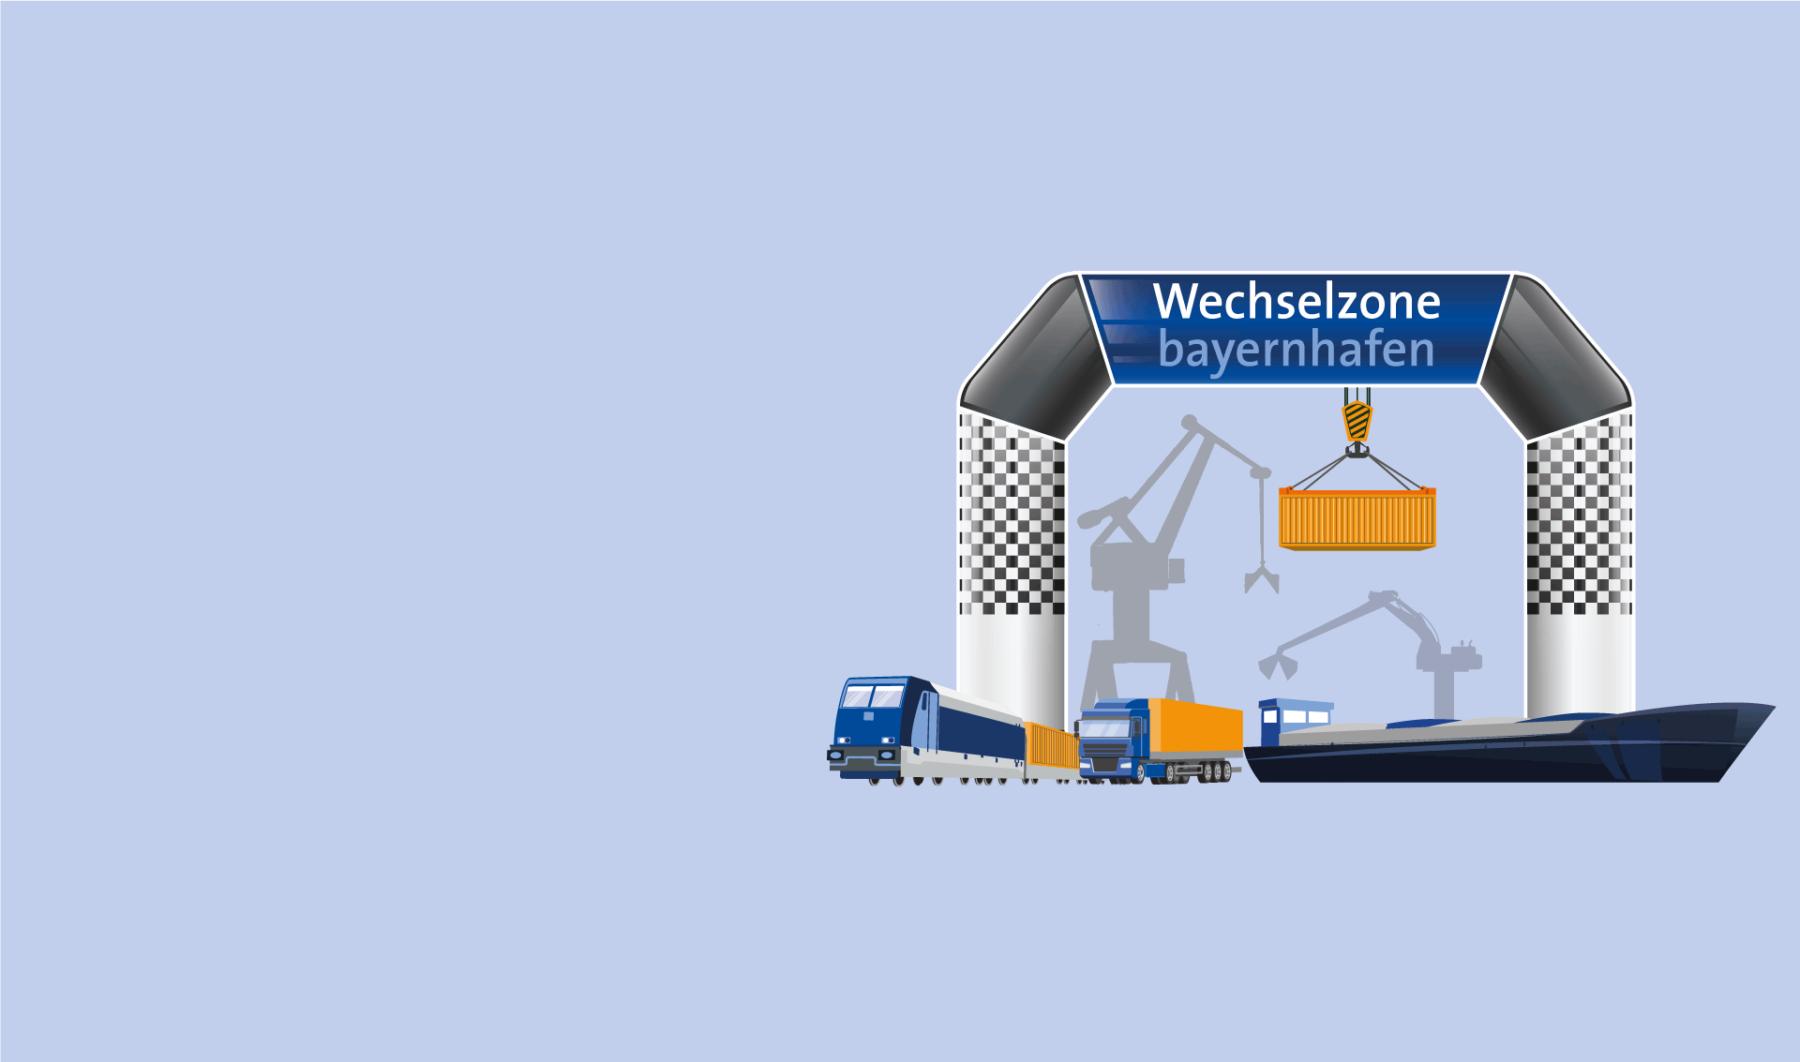 Grafik WEchselzone bayernhafen